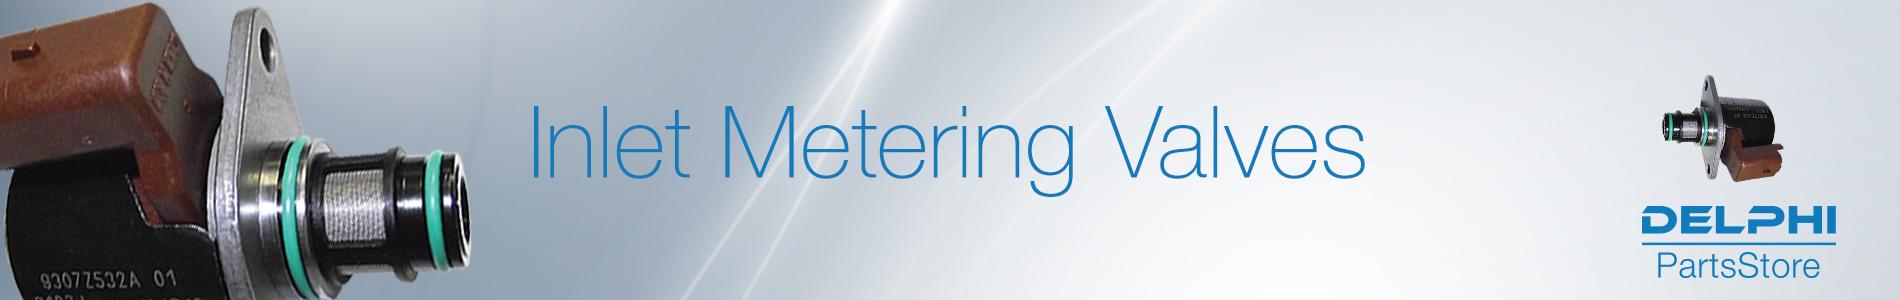 Inlet Metering Valves